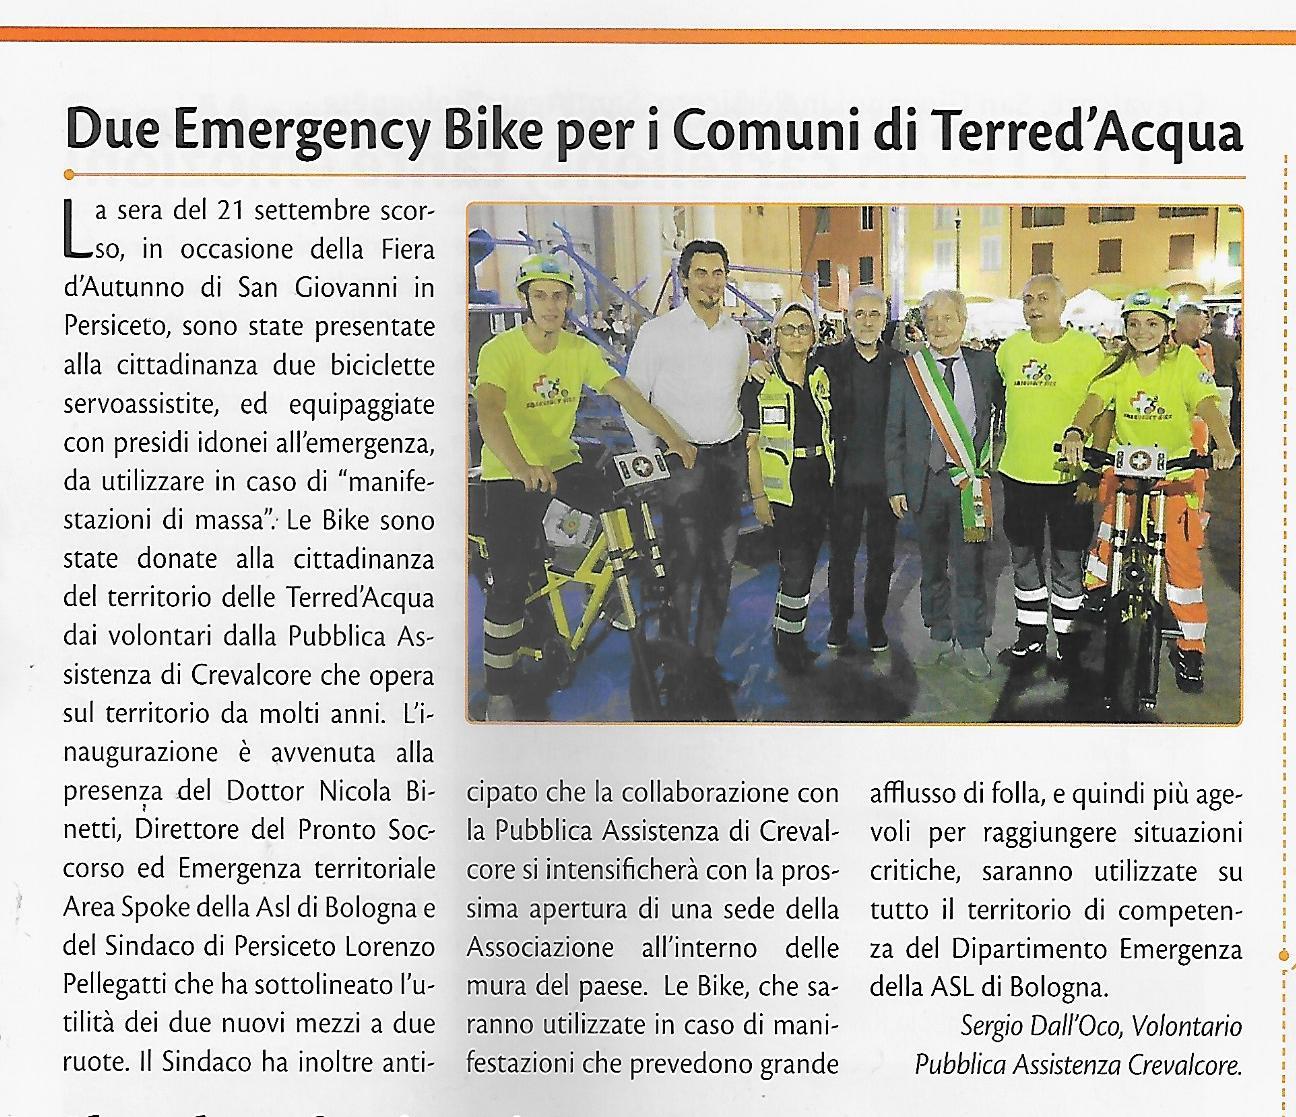 Emergency bike